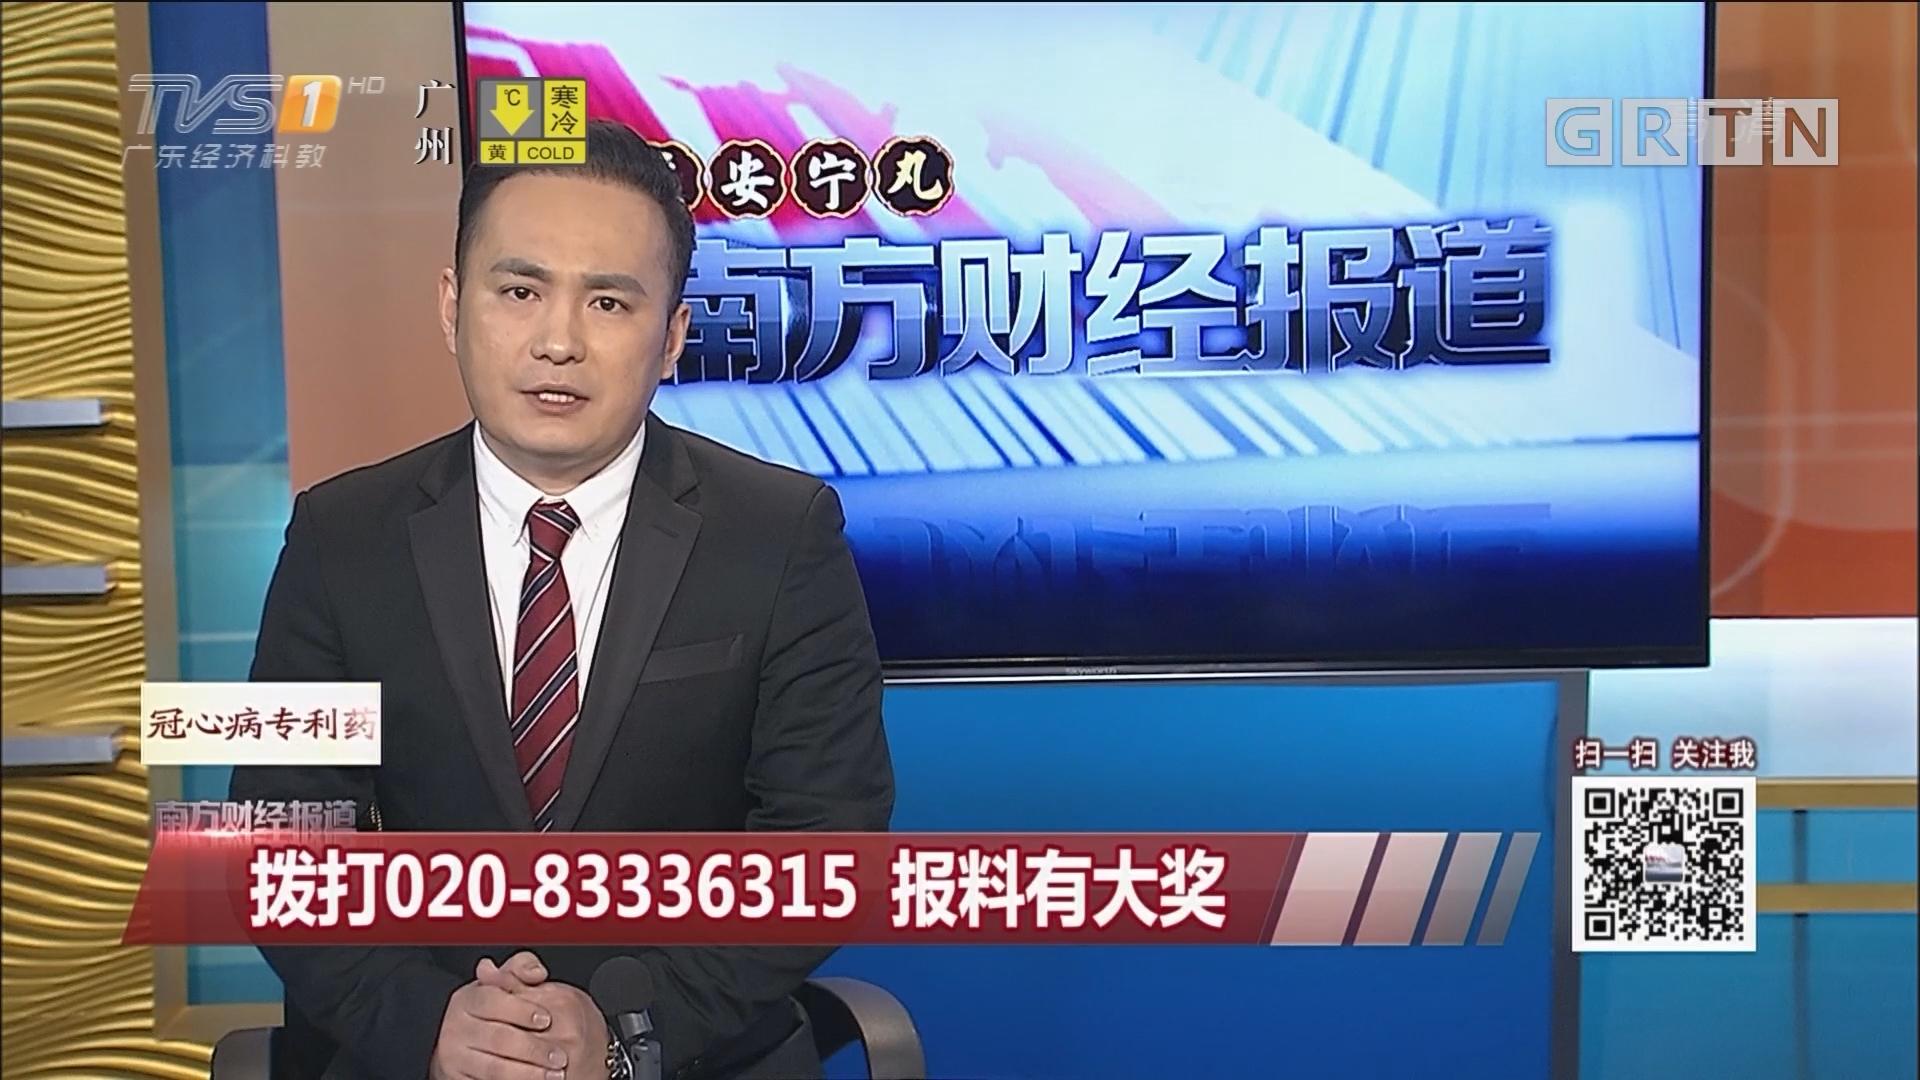 湛江徐闻海安新港航道船舶碰撞事故